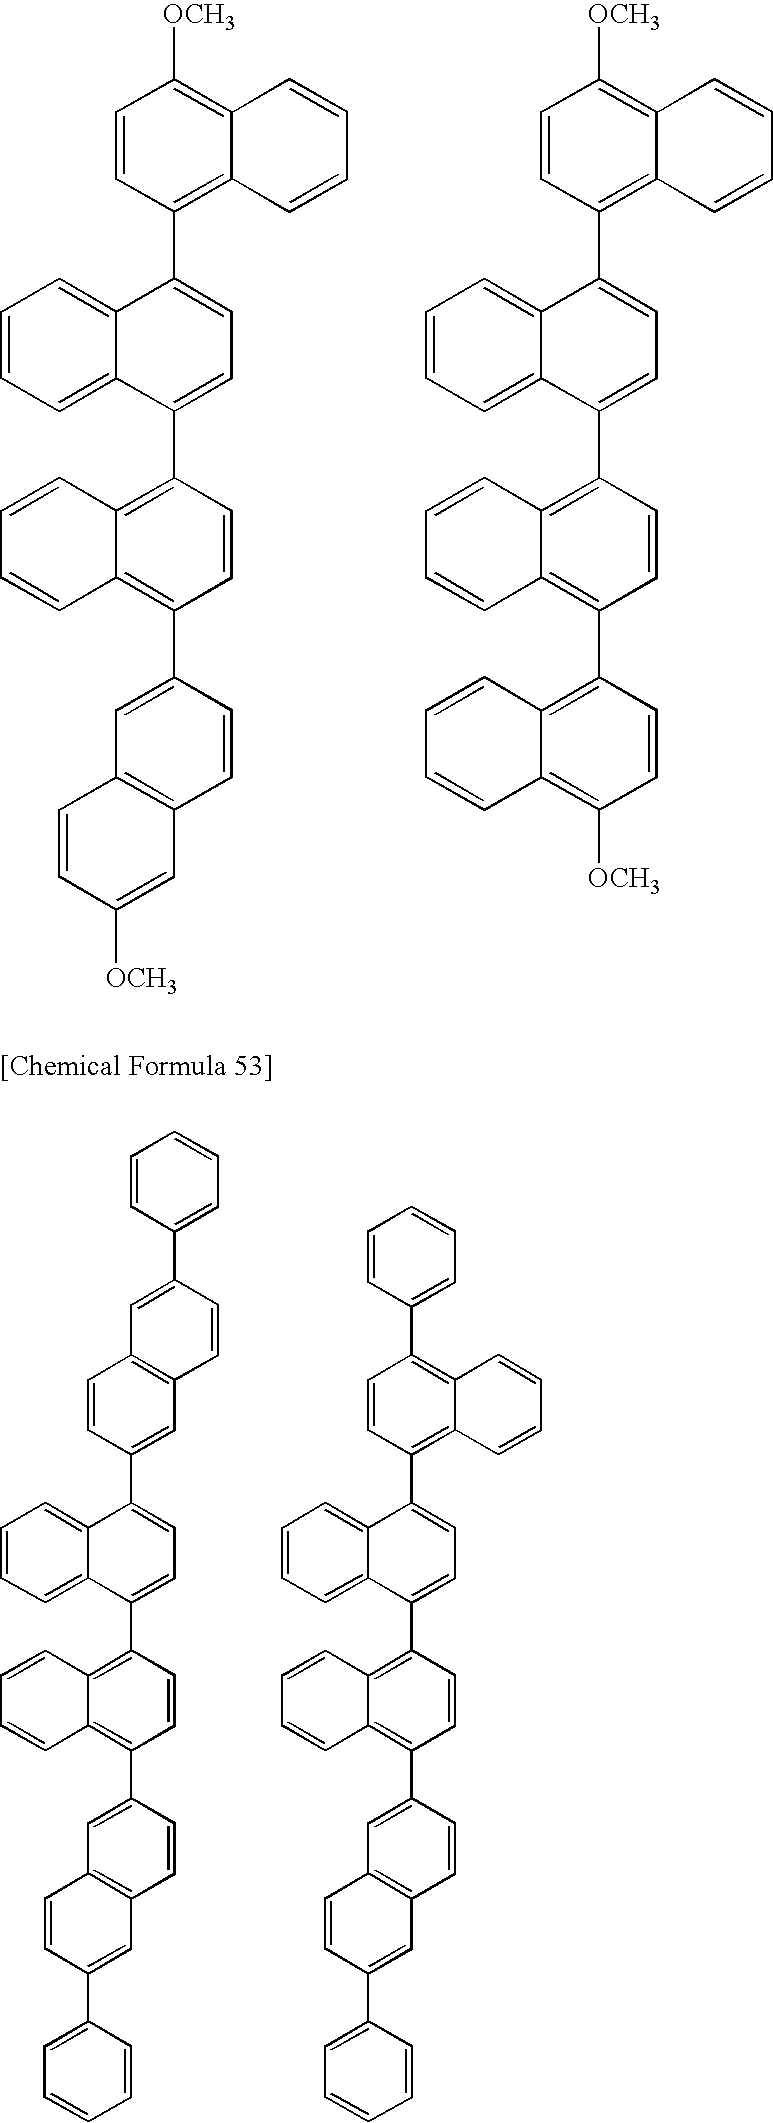 Figure US20100171109A1-20100708-C00089